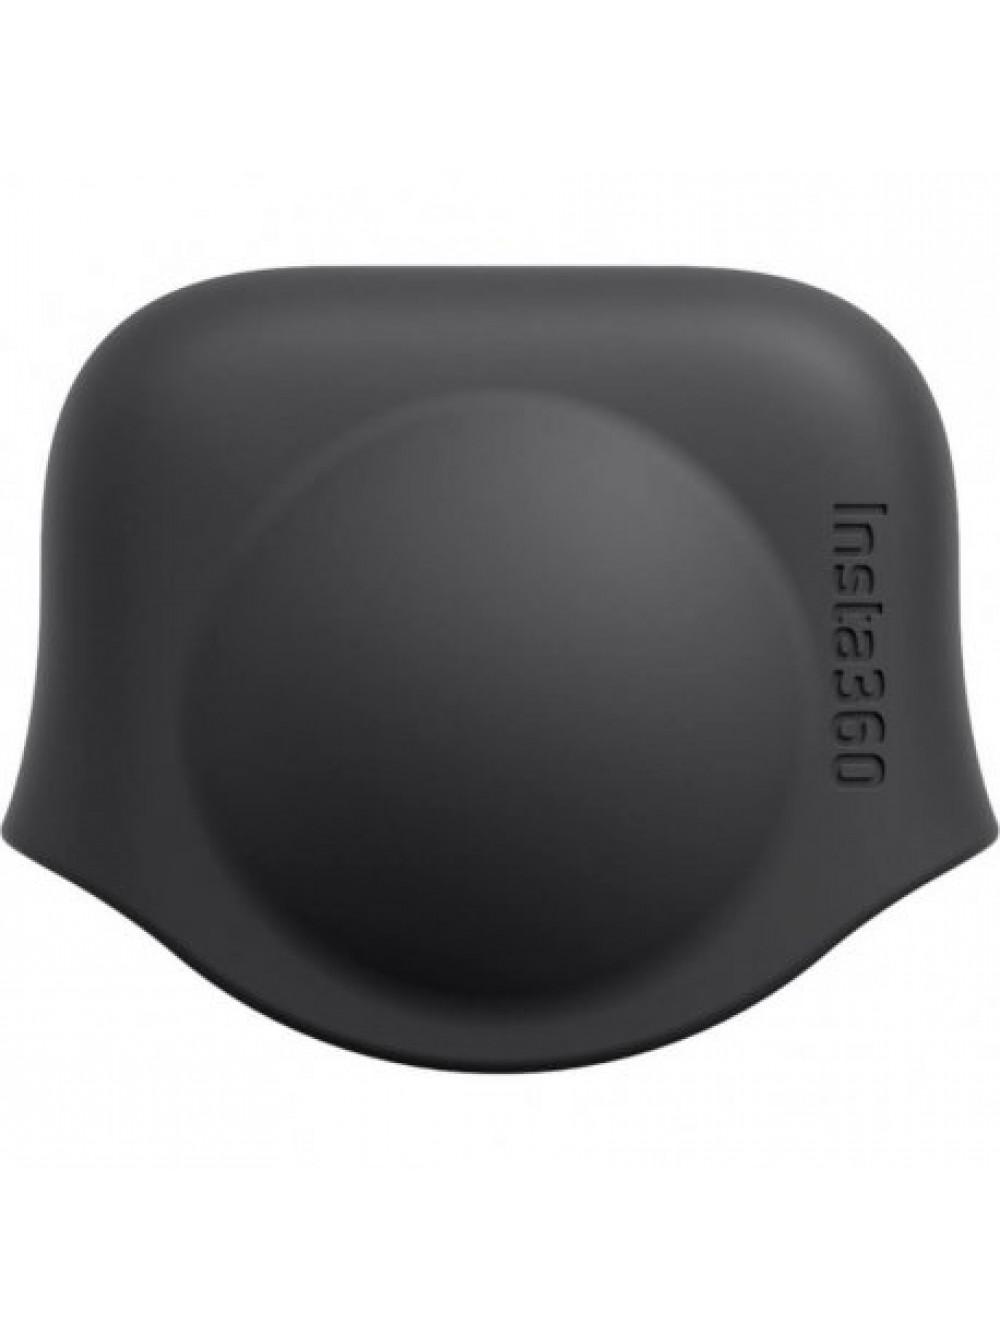 Защитный колпачок для Insta360 One X2